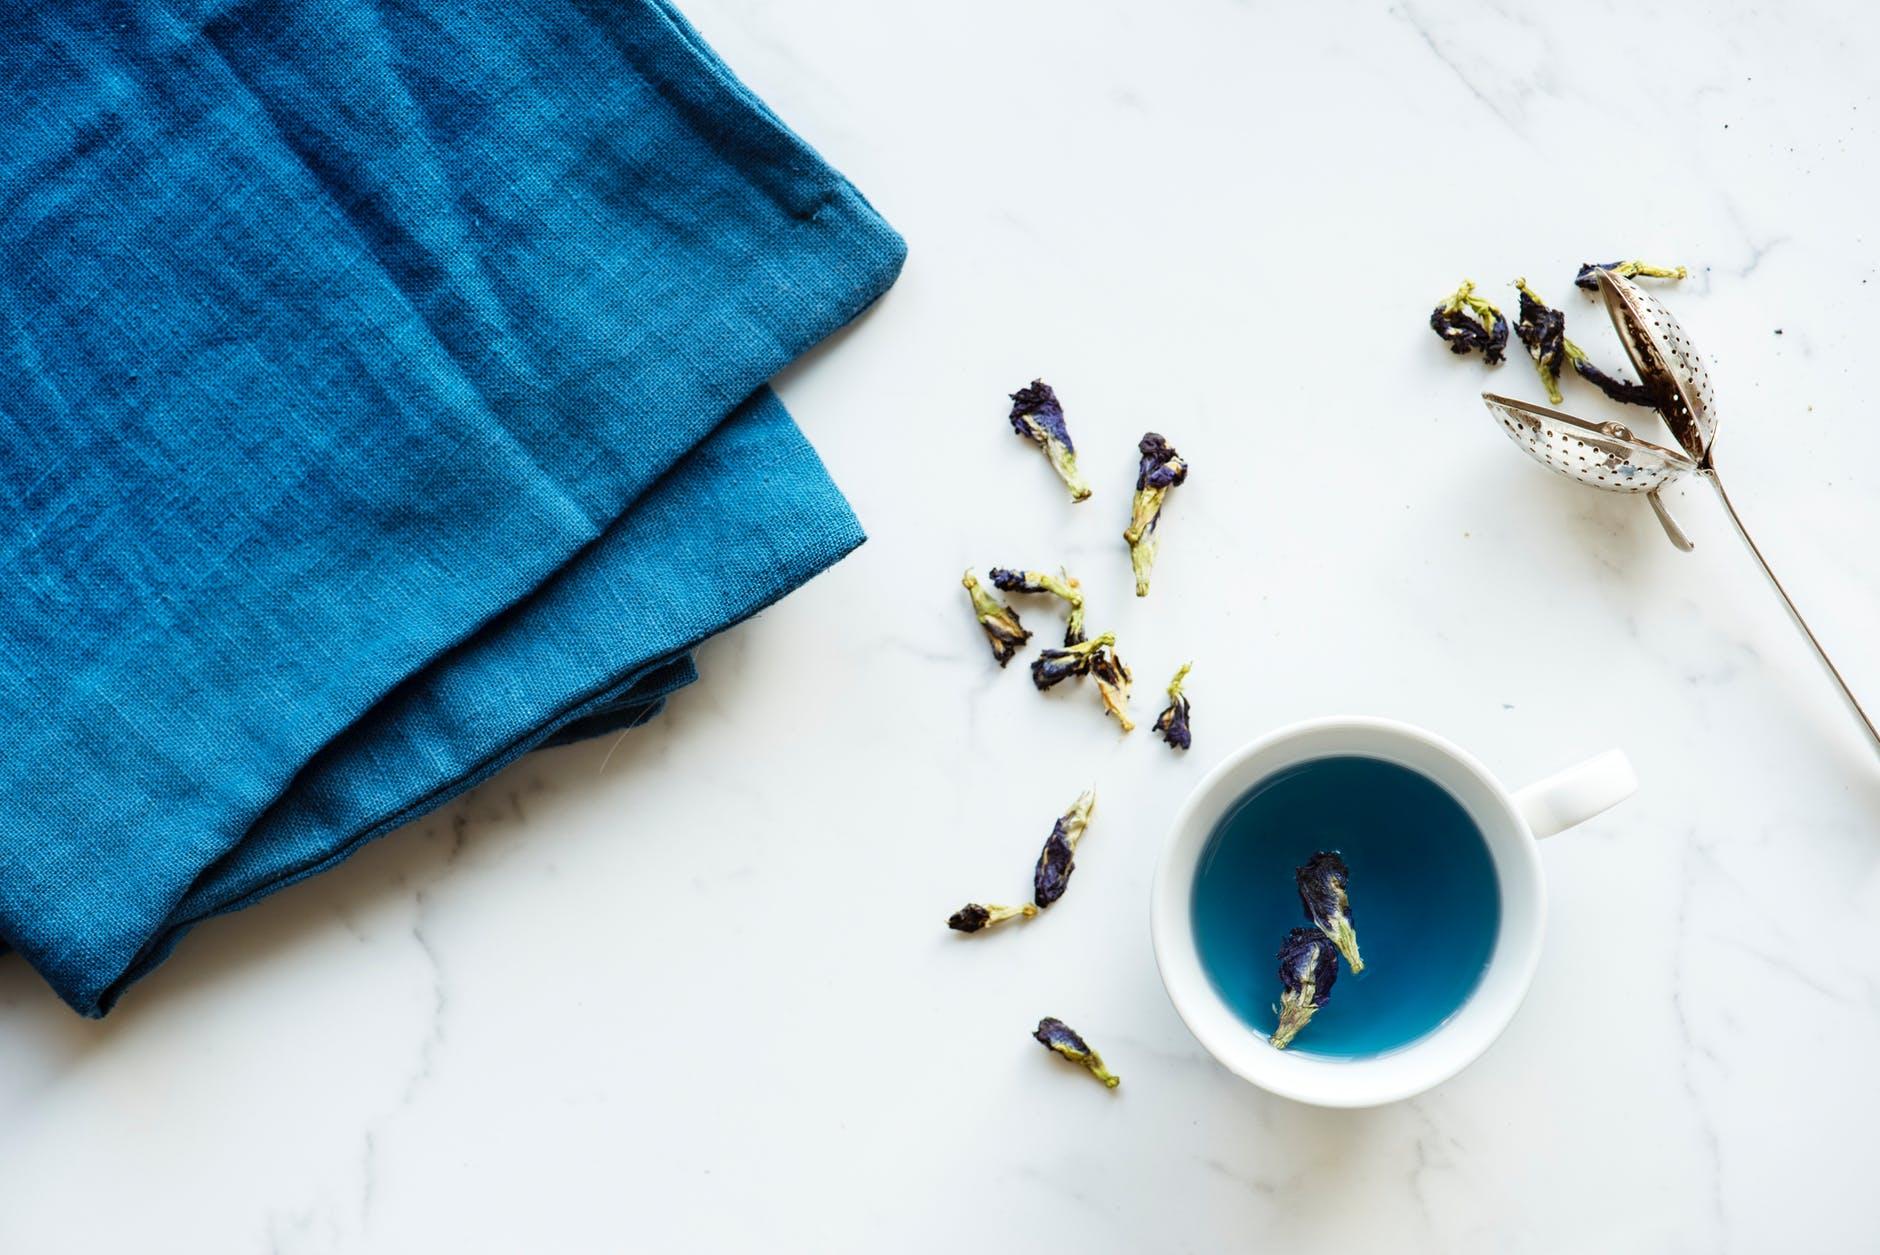 צלחות כחולות וקטנות - תורם לדיאטה מהירה